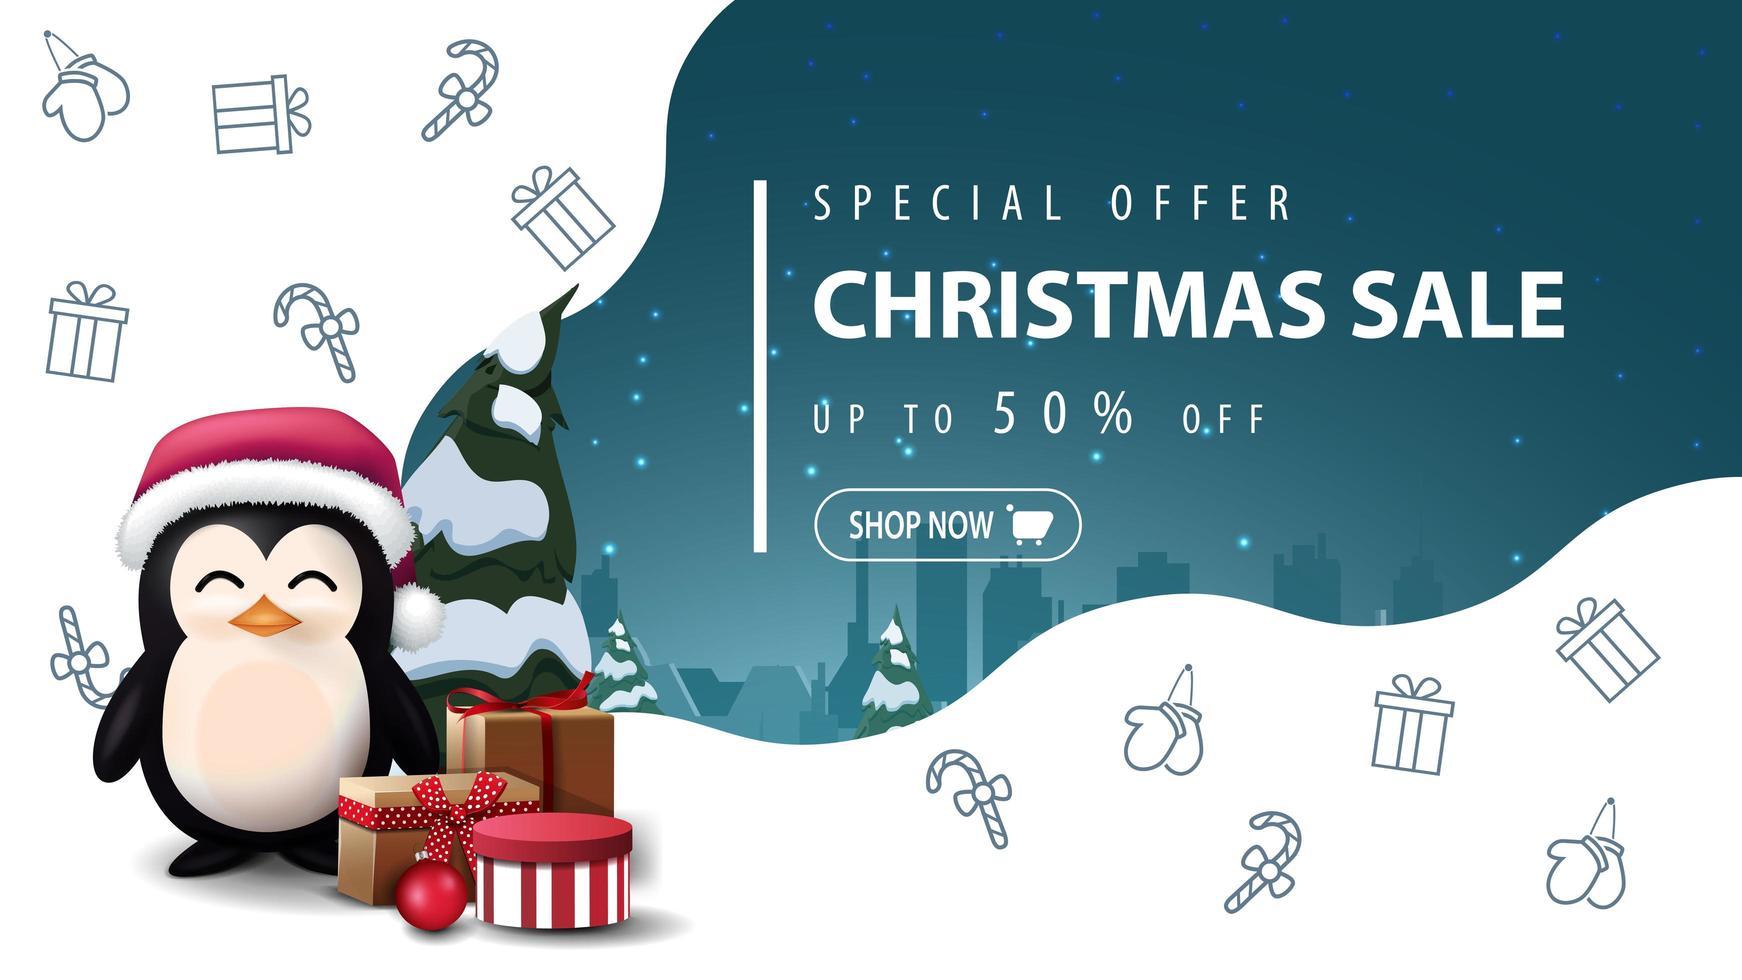 speciale aanbieding, kerstuitverkoop, tot 50 korting, mooie witte en blauwe kortingsbanner met pinguïn in kerstmanhoed met cadeautjes en kerstlijnpictogrammen, ruimteverbeelding vector